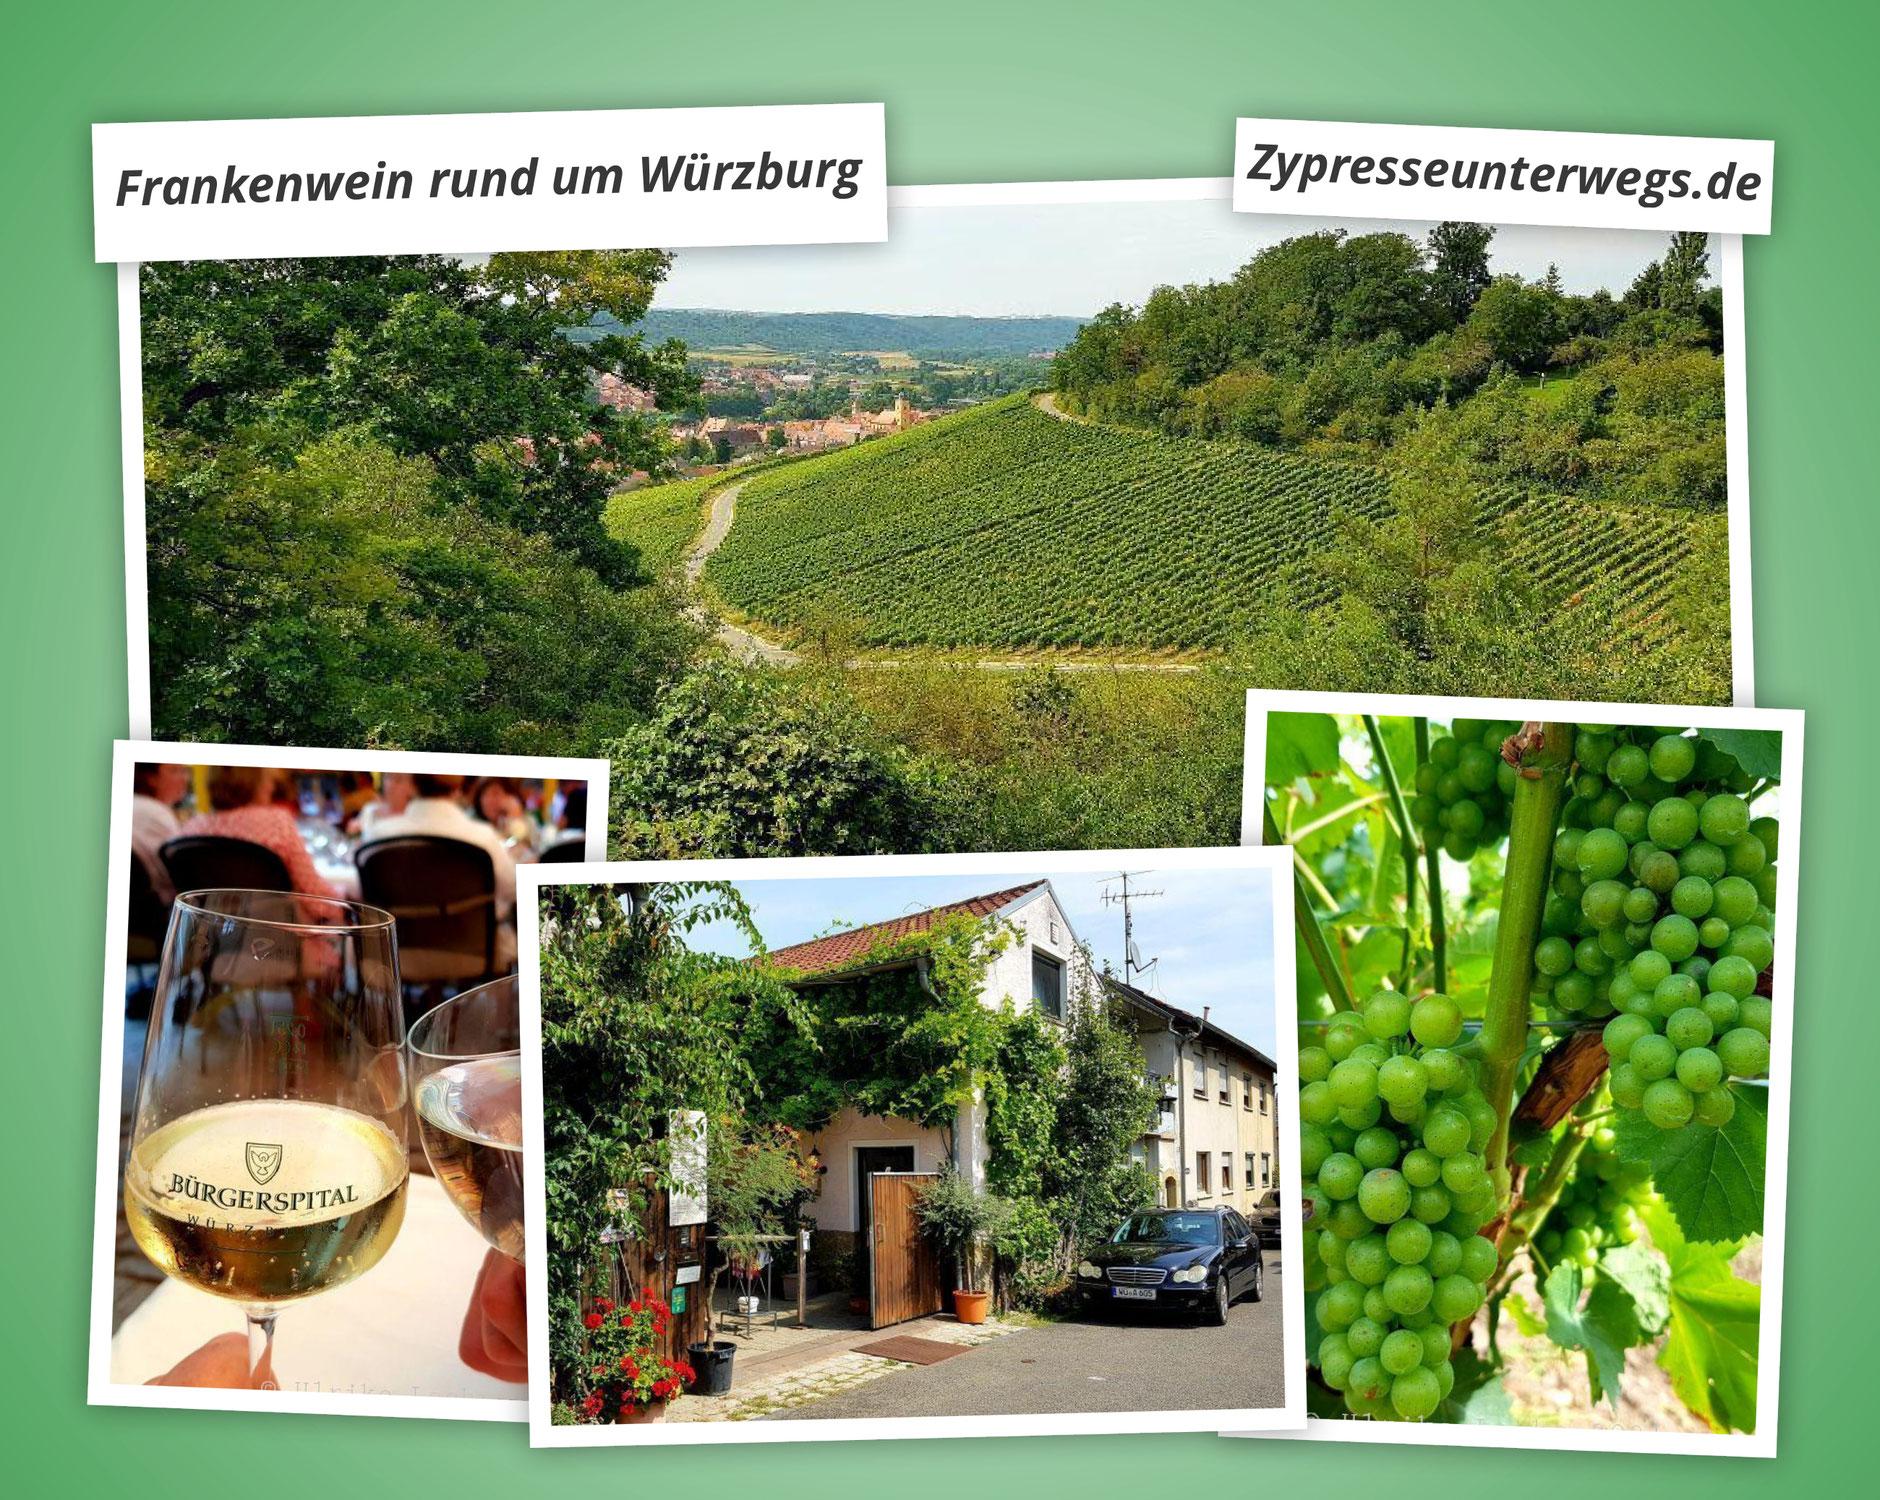 Frankenwein rund um Würzburg